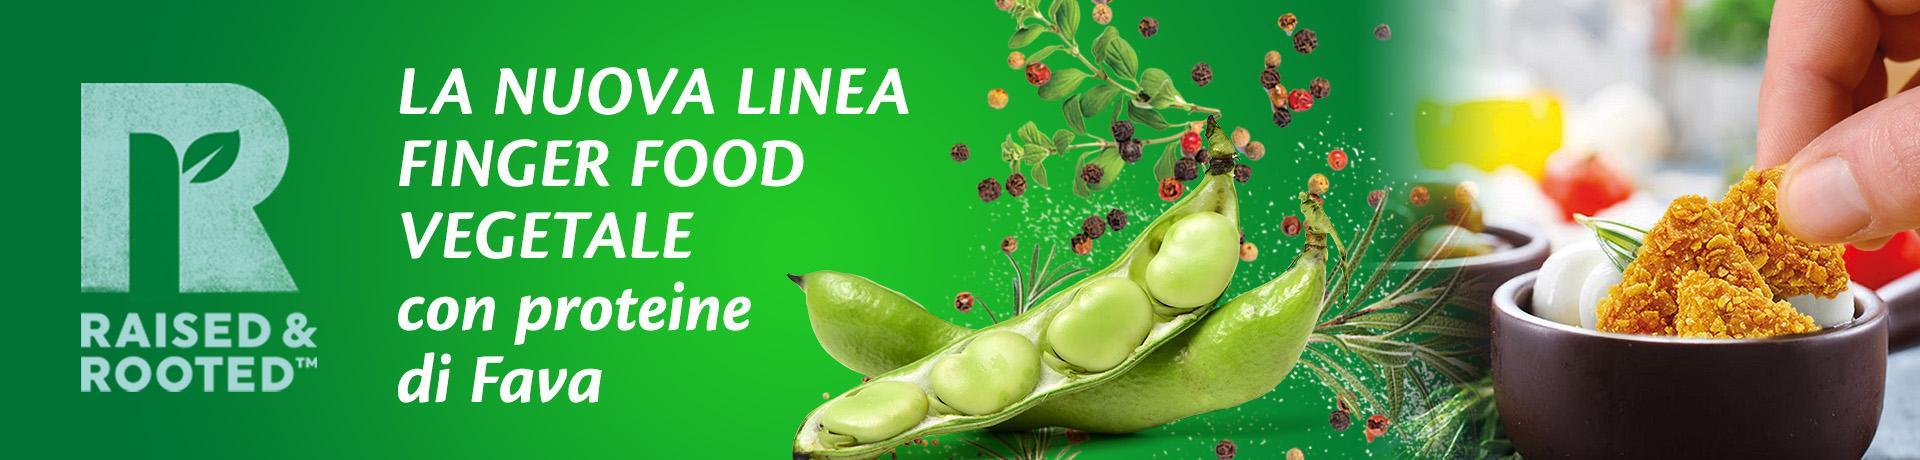 Linea Raised & Rooted Vegetale